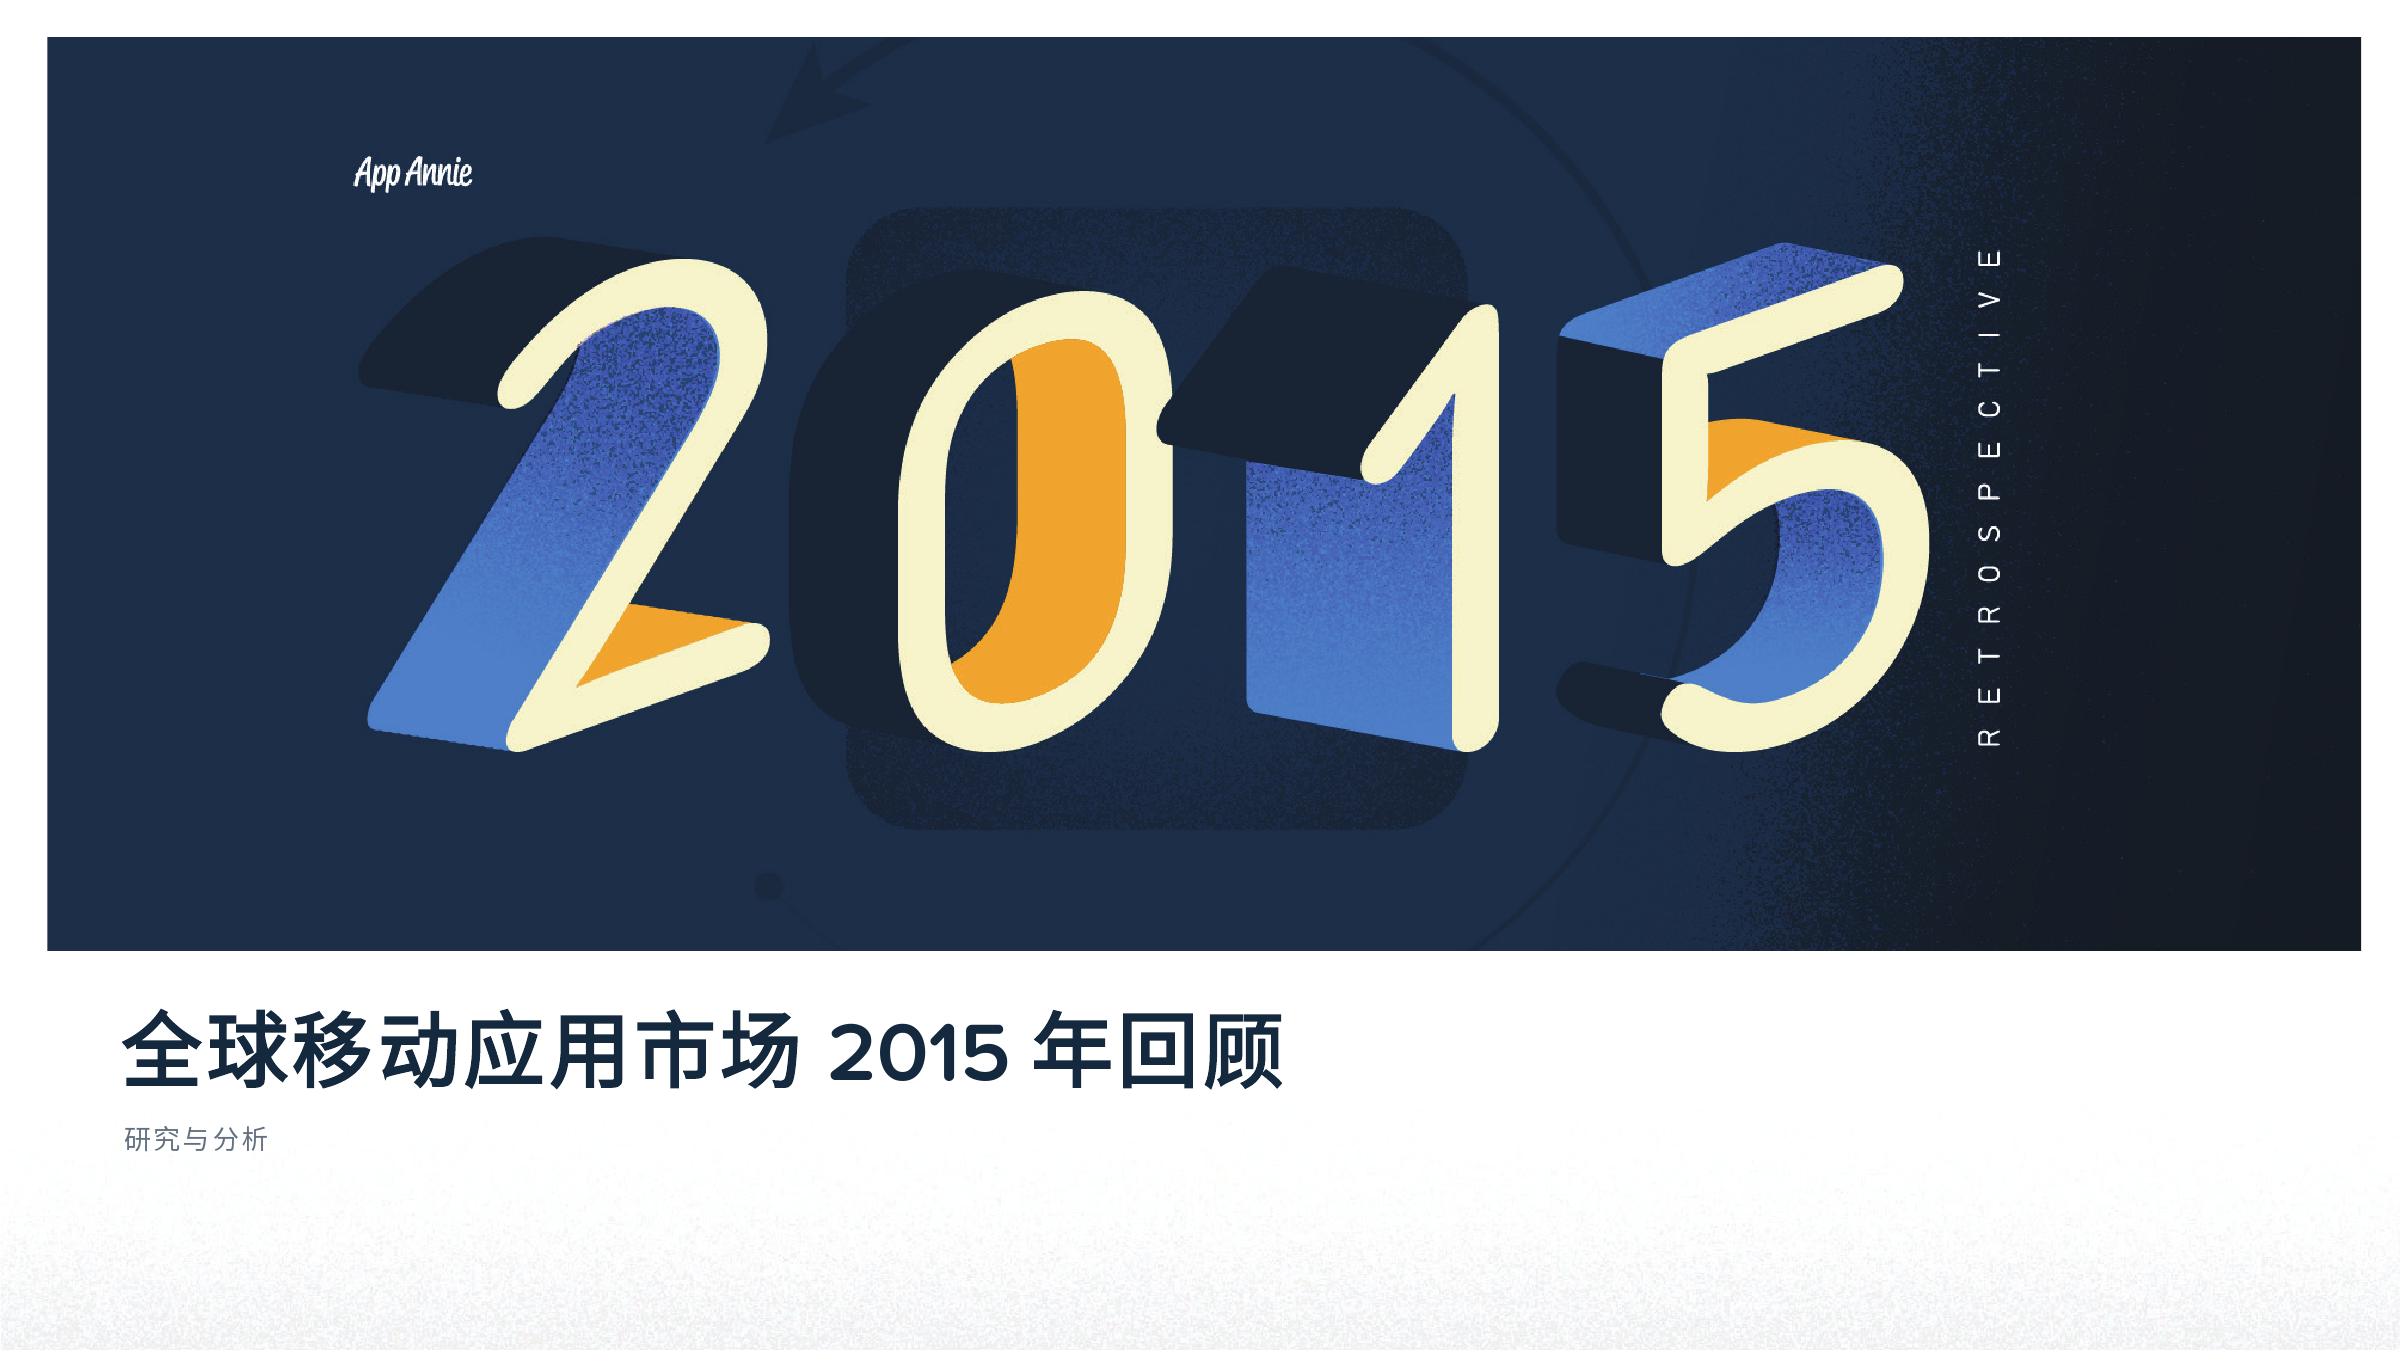 App Annie 全球移动应用市场 2015 年回顾_000001